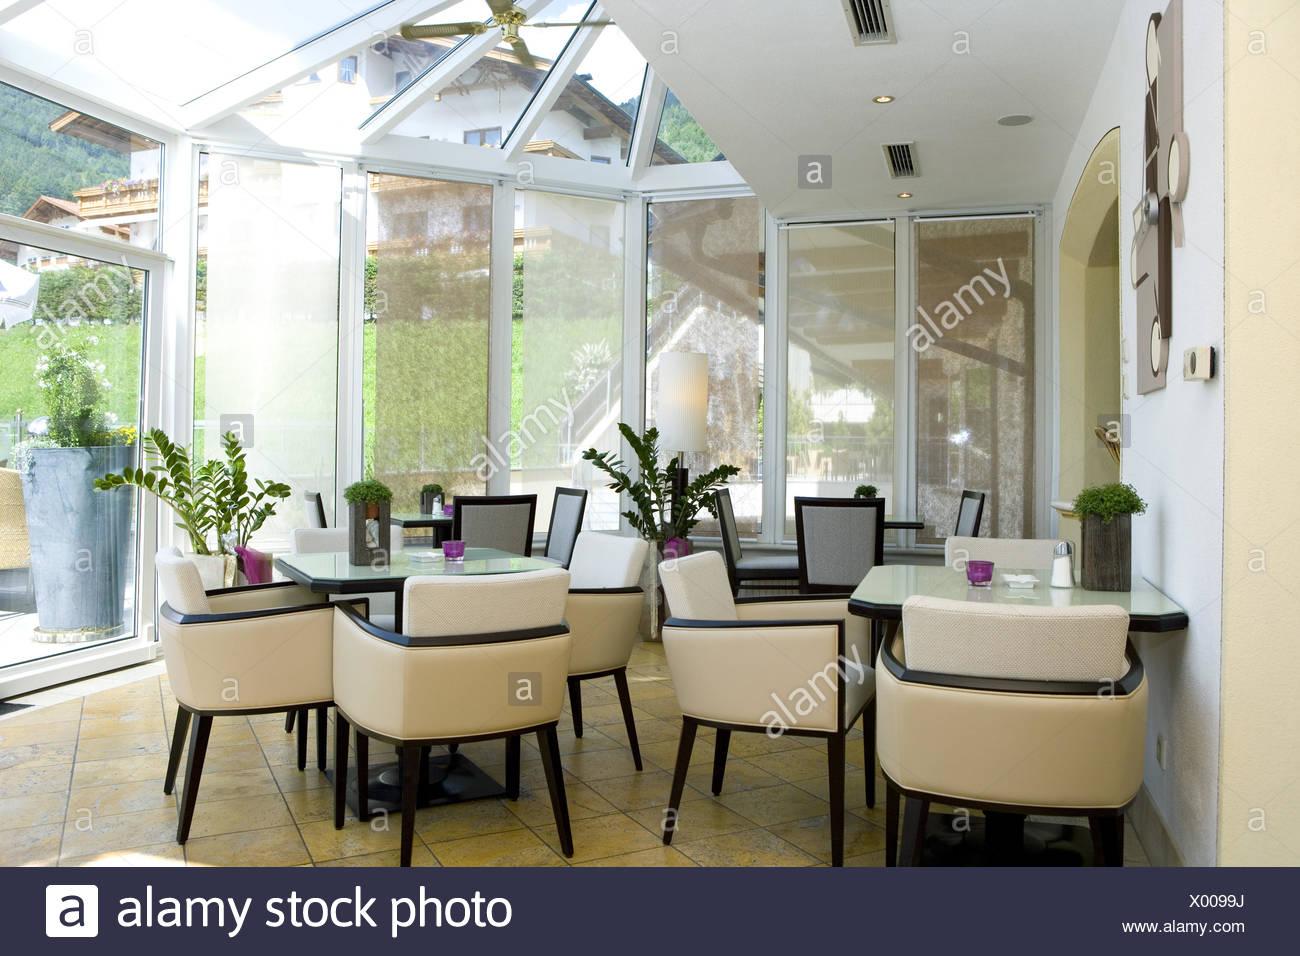 Bar, Bistro, Cafe, Wintergarten, Fenster, Innenaufnahme, Restaurant, Ruhetag, Stuehle, Tische, geschlossen, hell, leer, niemand - Stock Image